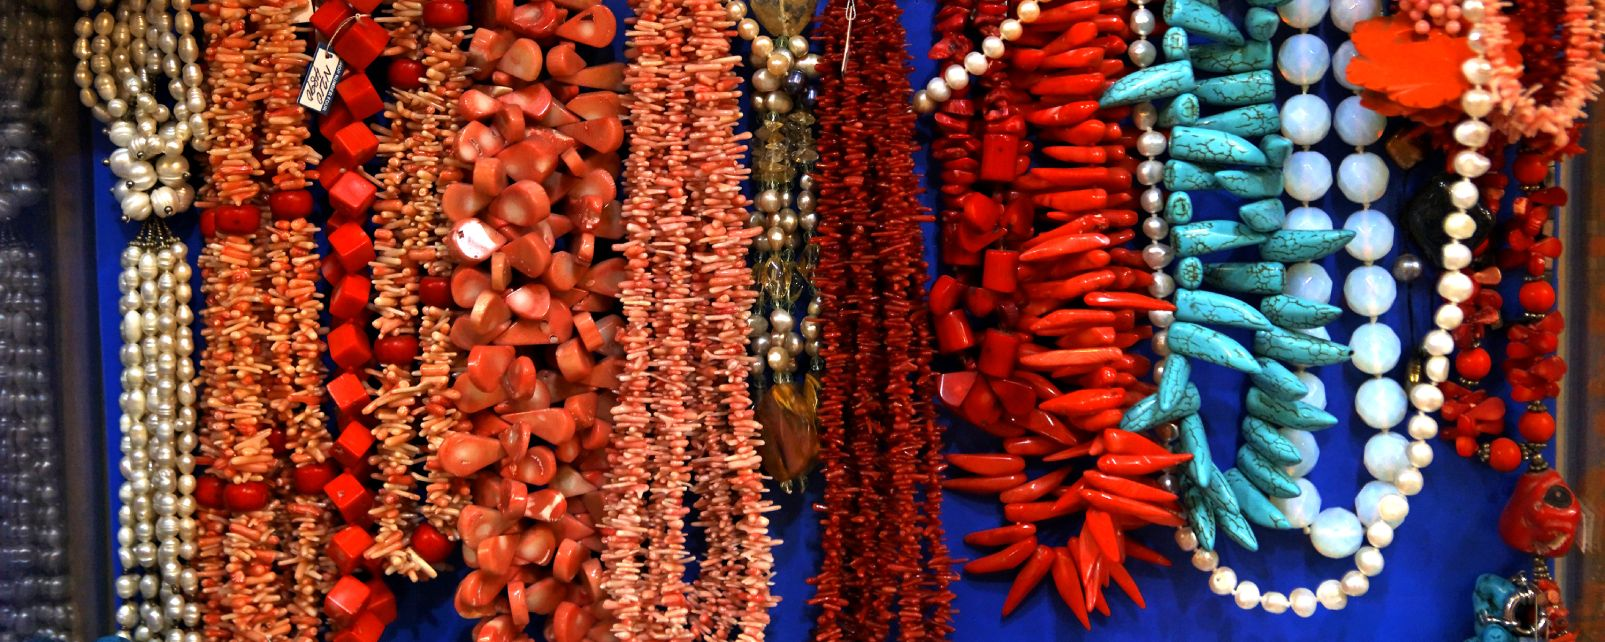 L'artigianato, L'artisanat, Le arti e la cultura, Maldive